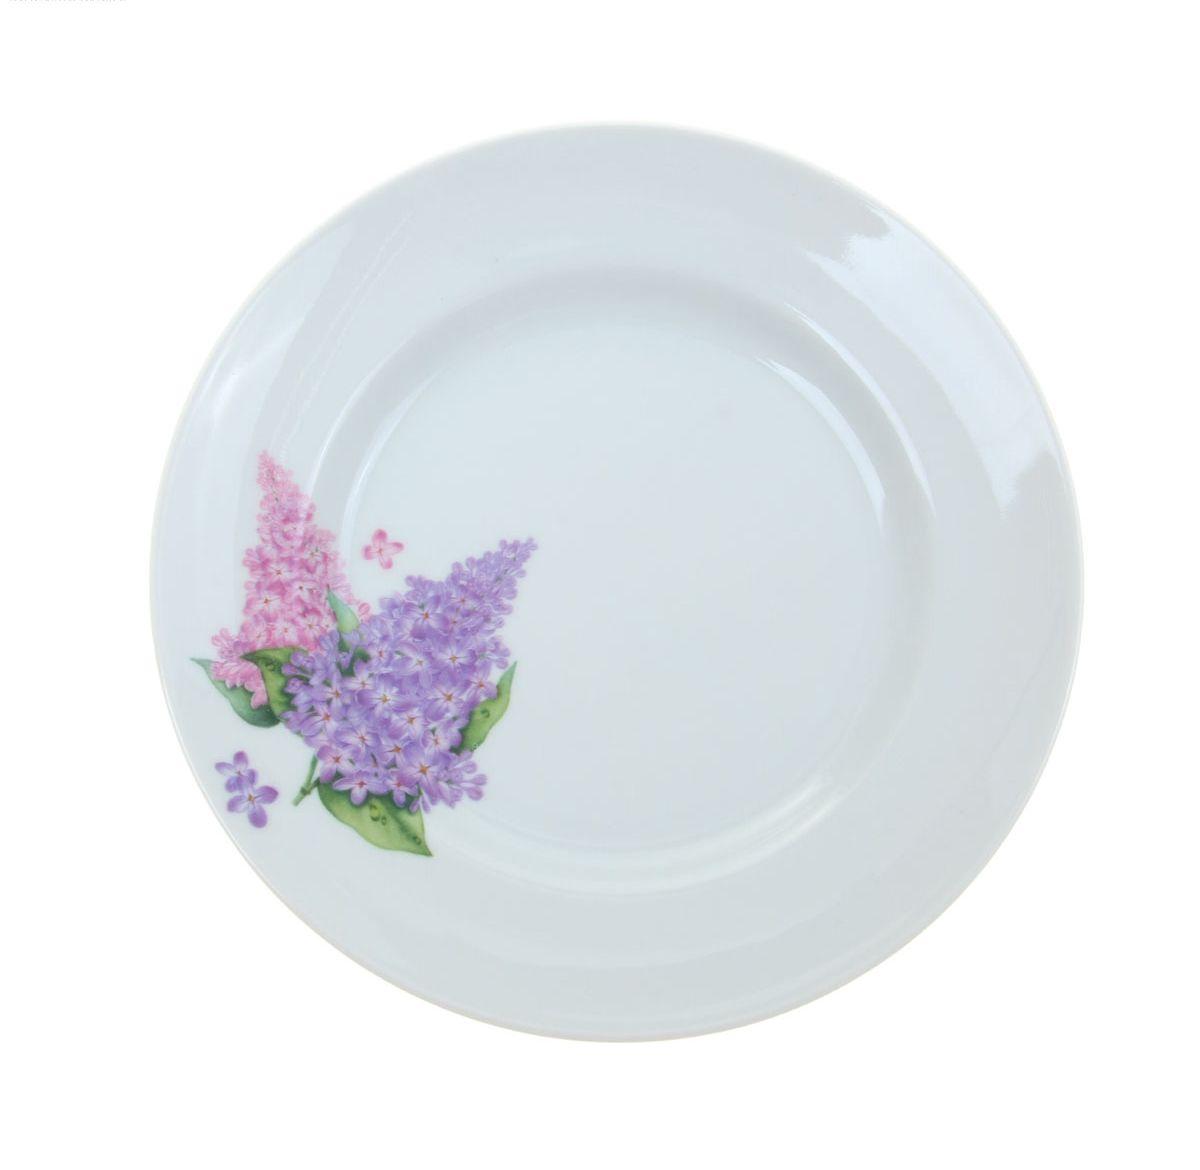 Тарелка мелкая Идиллия. Сирень, диаметр 20 см4С0189/1035432